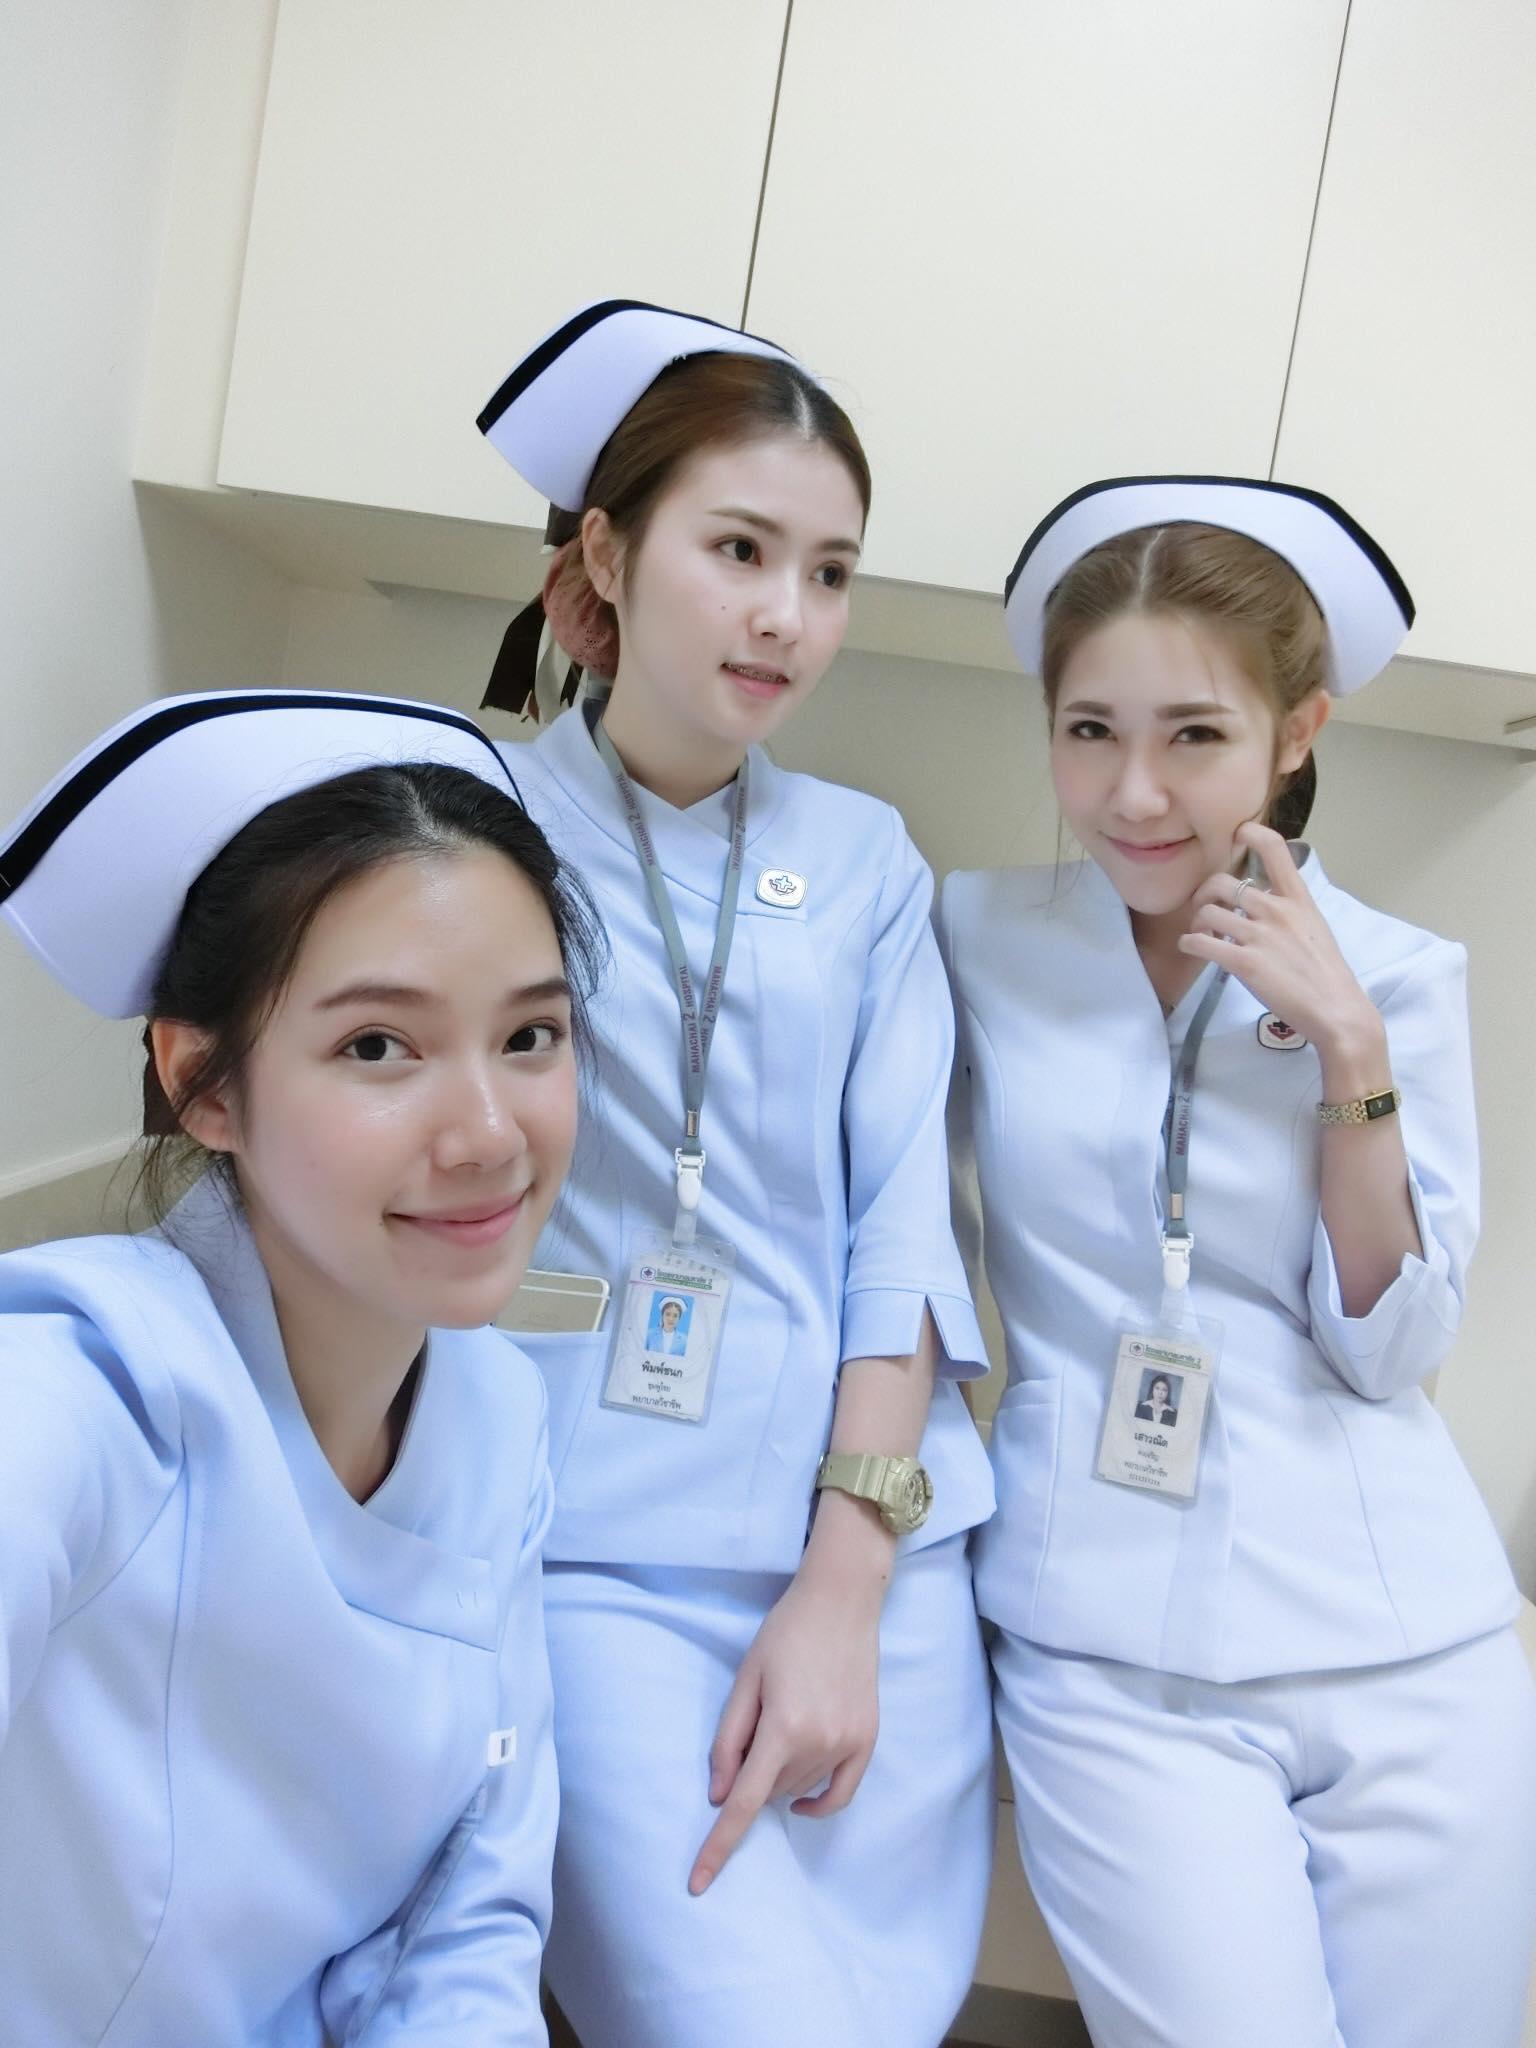 Bức ảnh siêu hot: 3 cô y tá đã xinh lại còn làm cùng viện với nhau! - Ảnh 1.